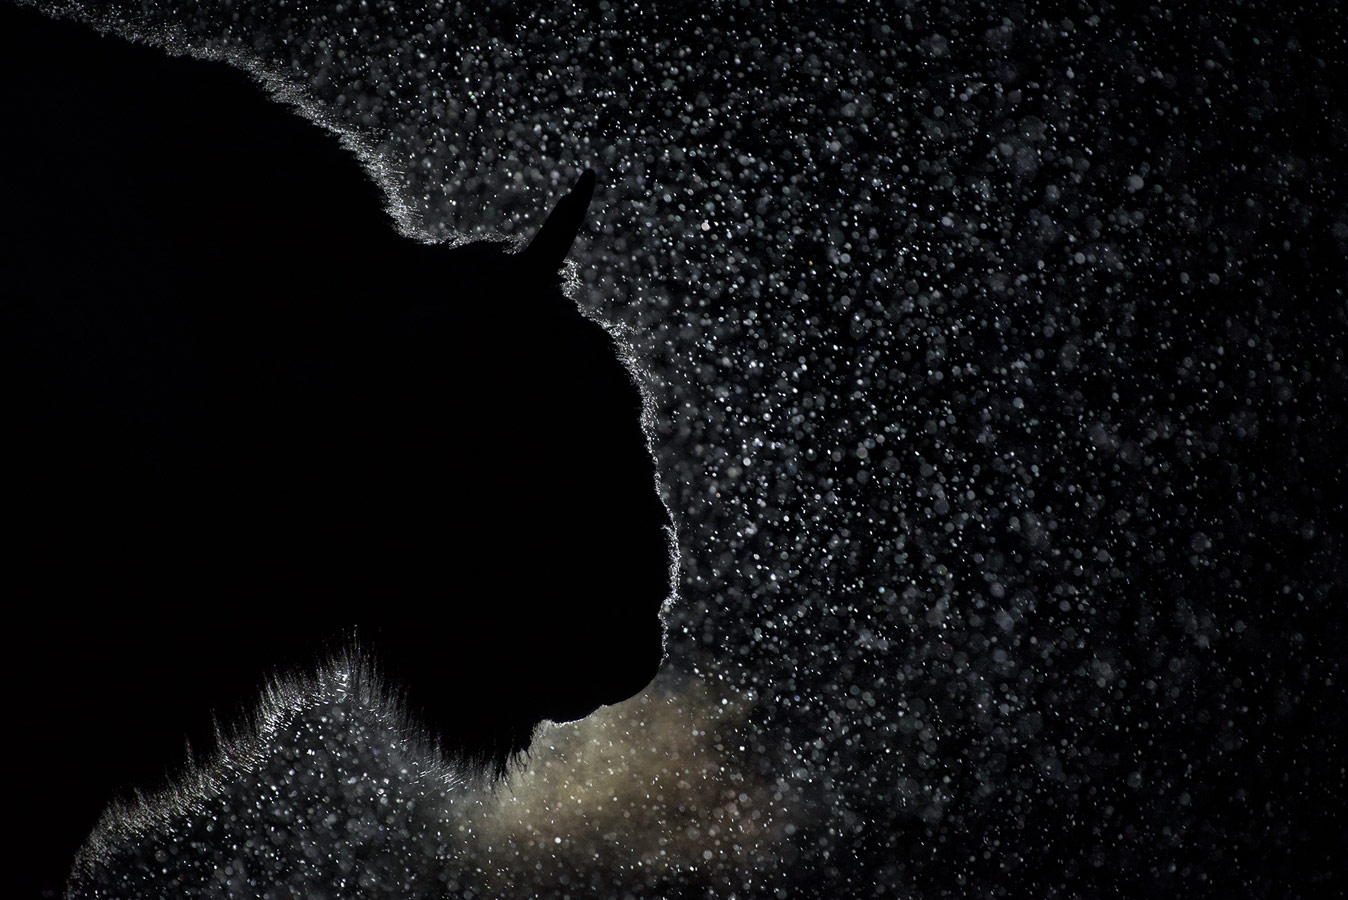 Ночной гость, © Игорь Зубков, 1-е место в номинации «Искусство в природе», Фотоконкурс «Дикая природа России» от National Geographic